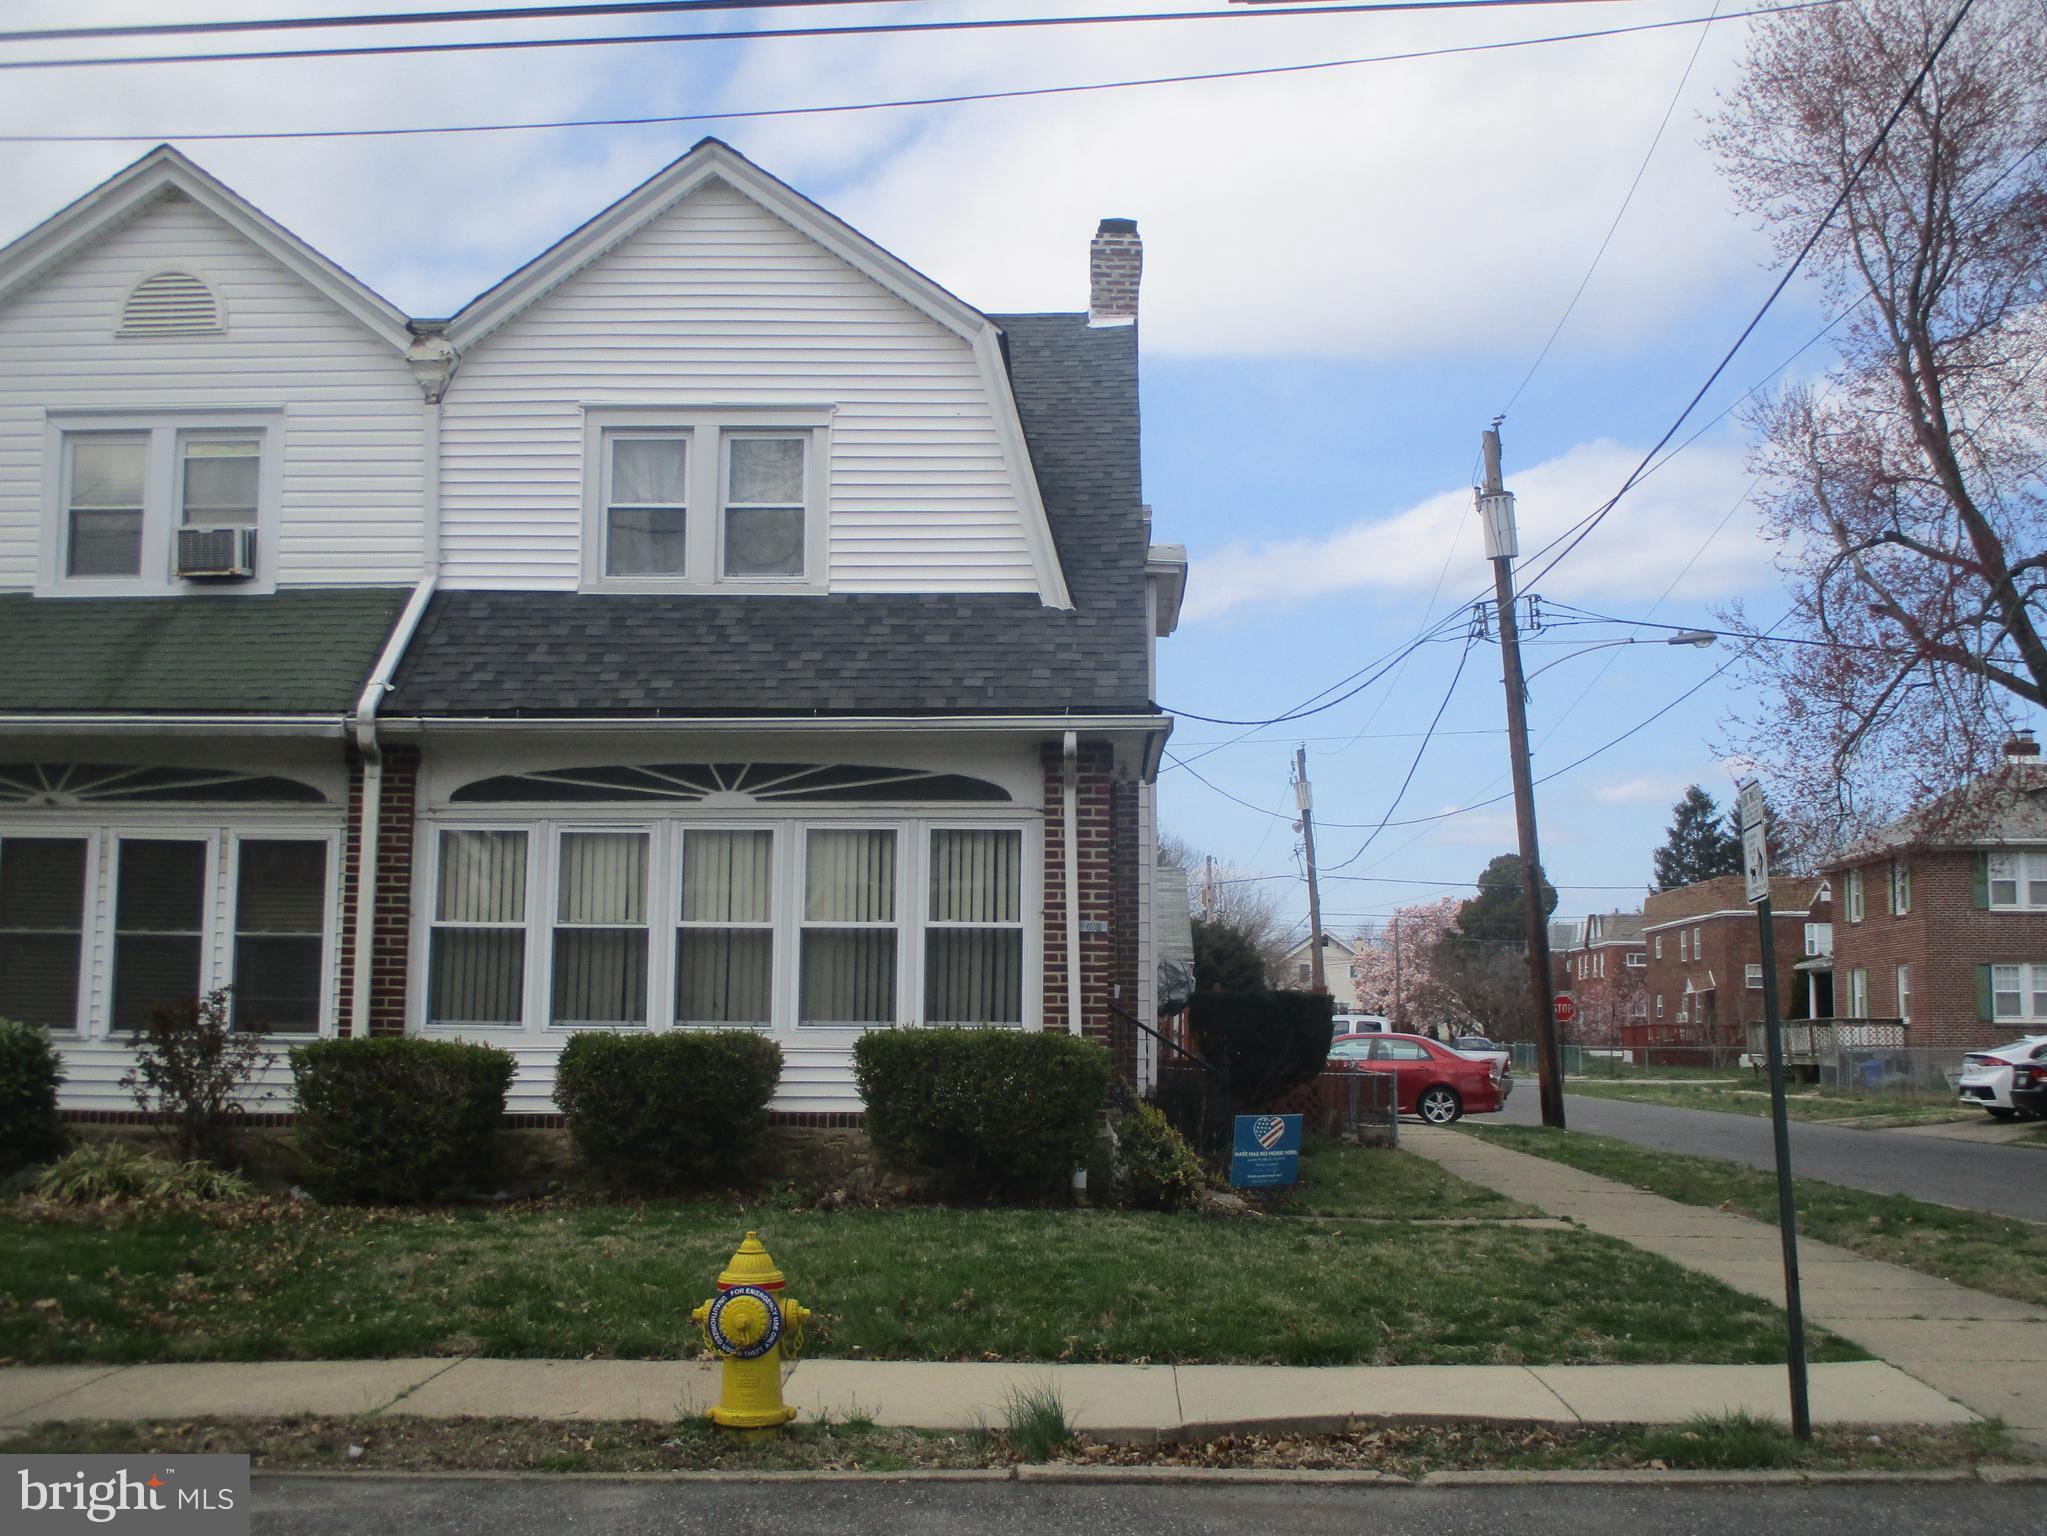 100 W Elkinton Avenue, Chester, PA 19013